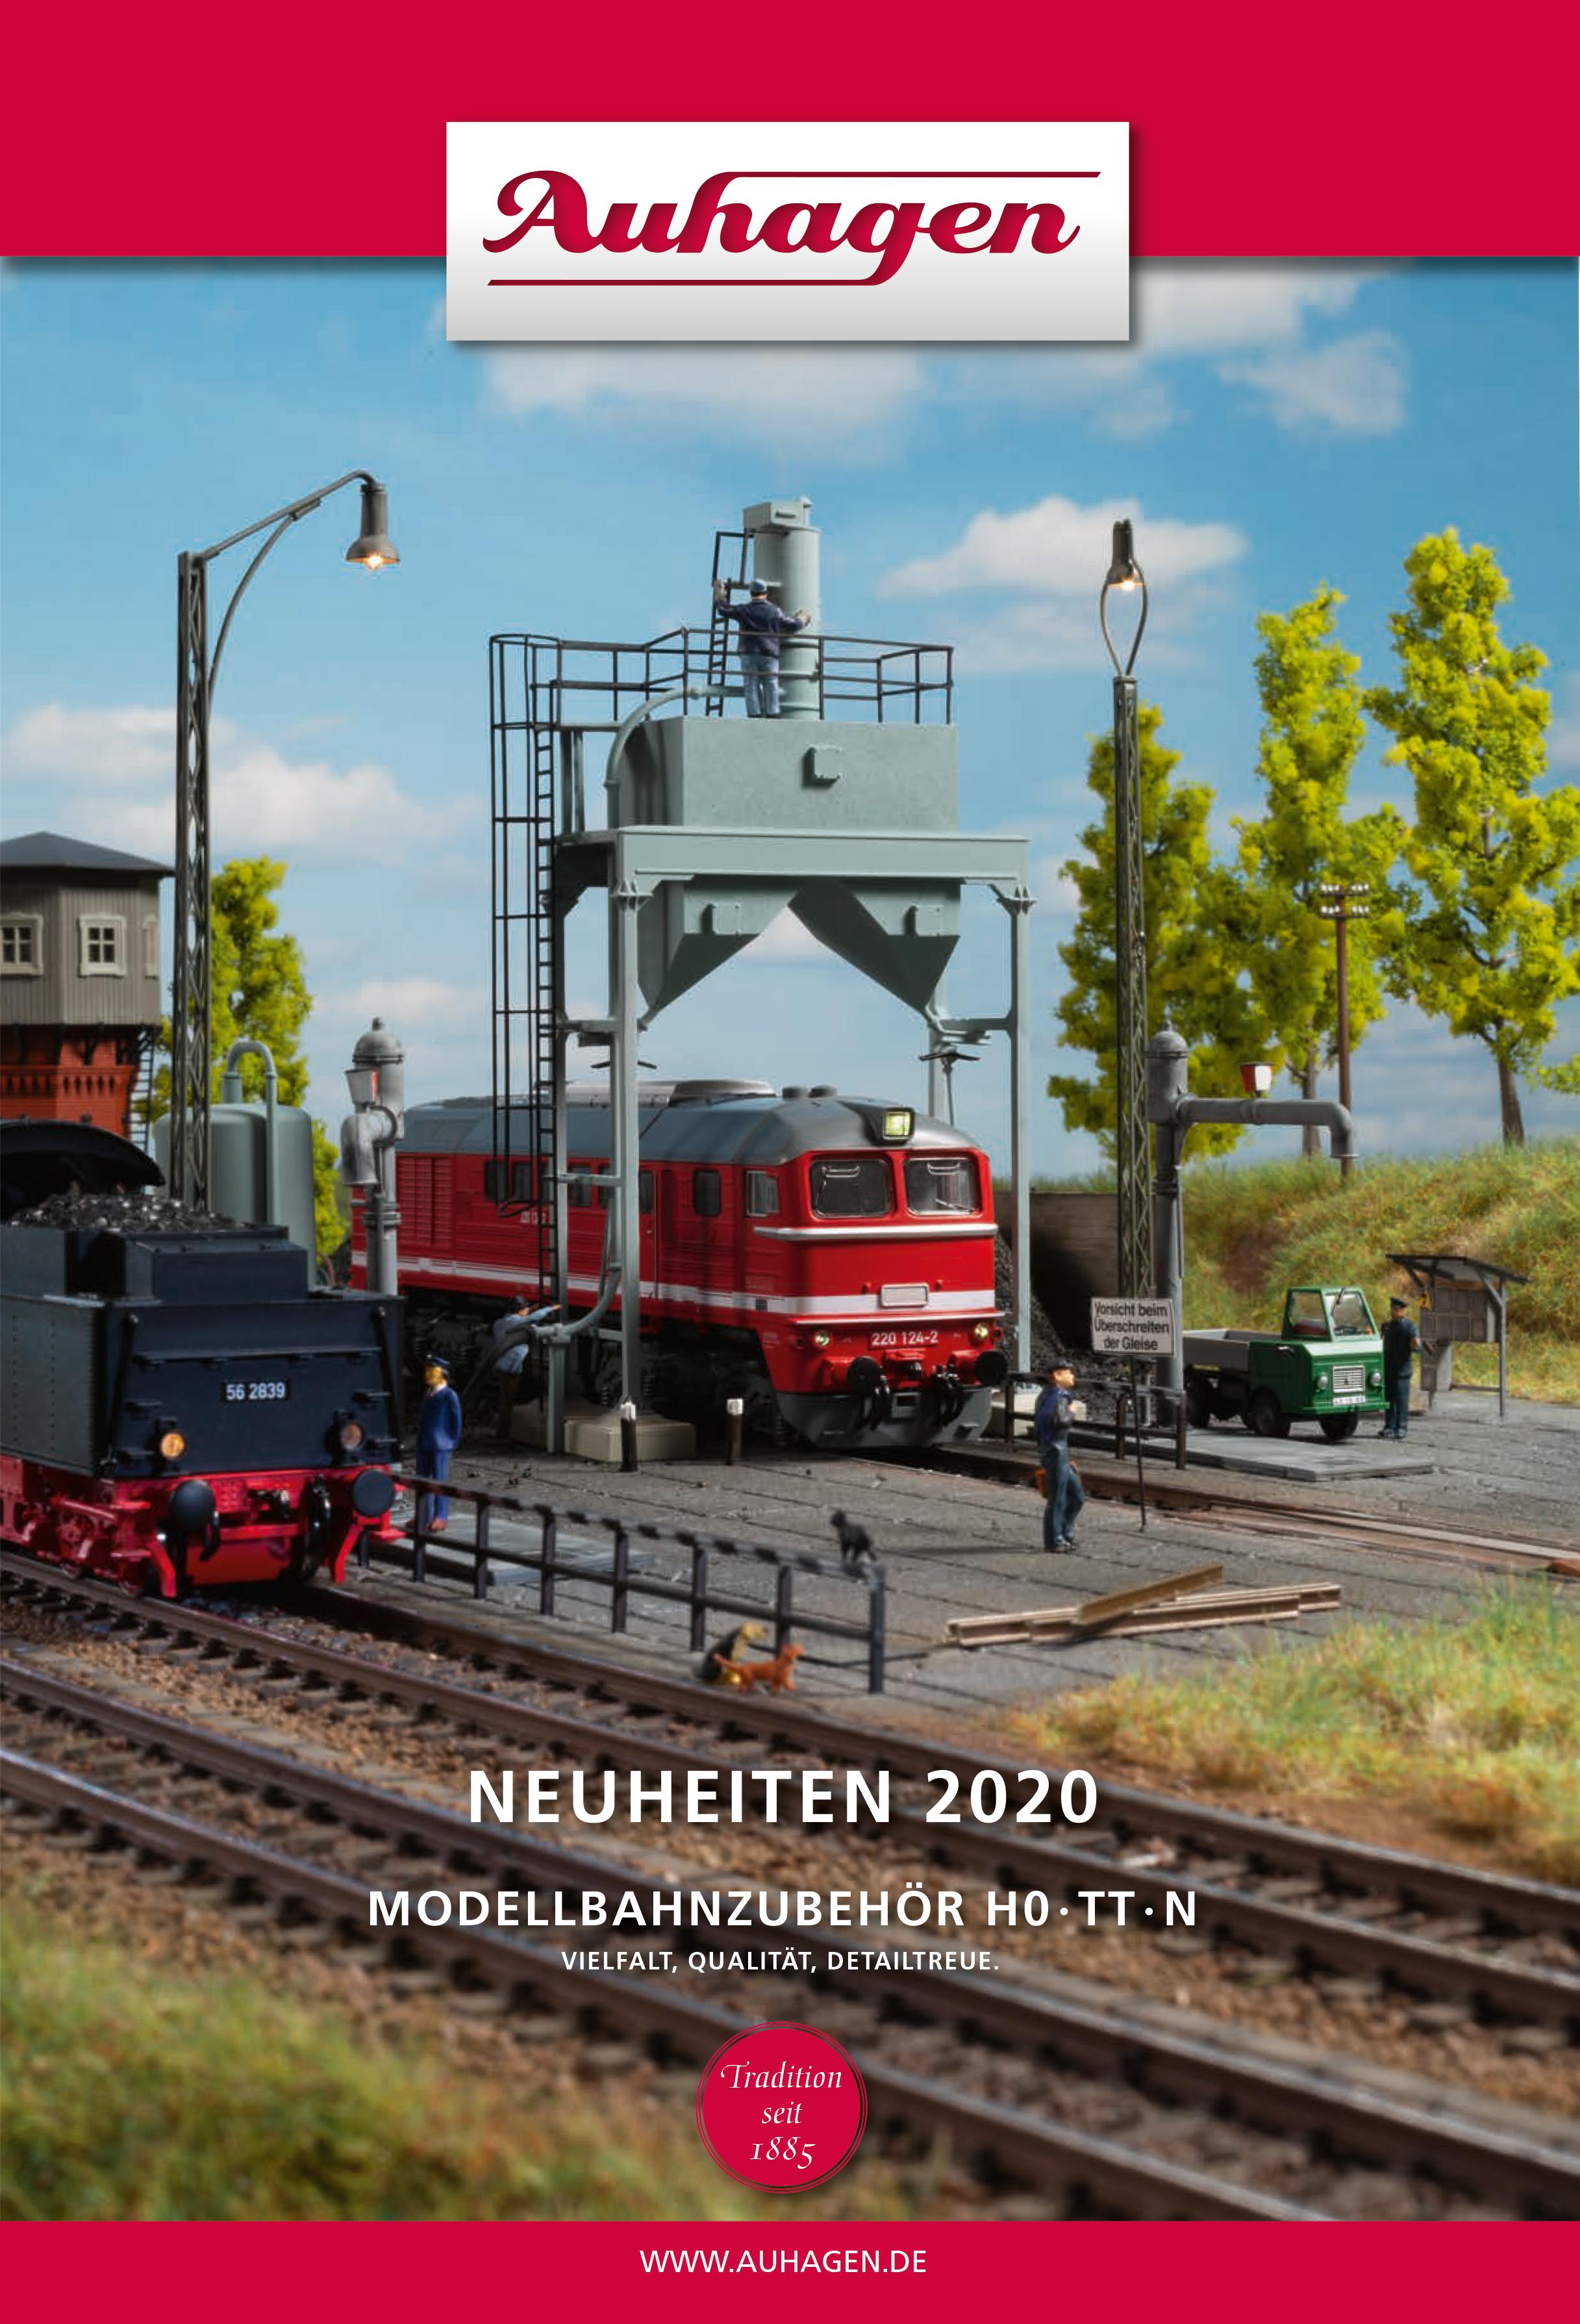 Auhagen-Neuheiten2020-1